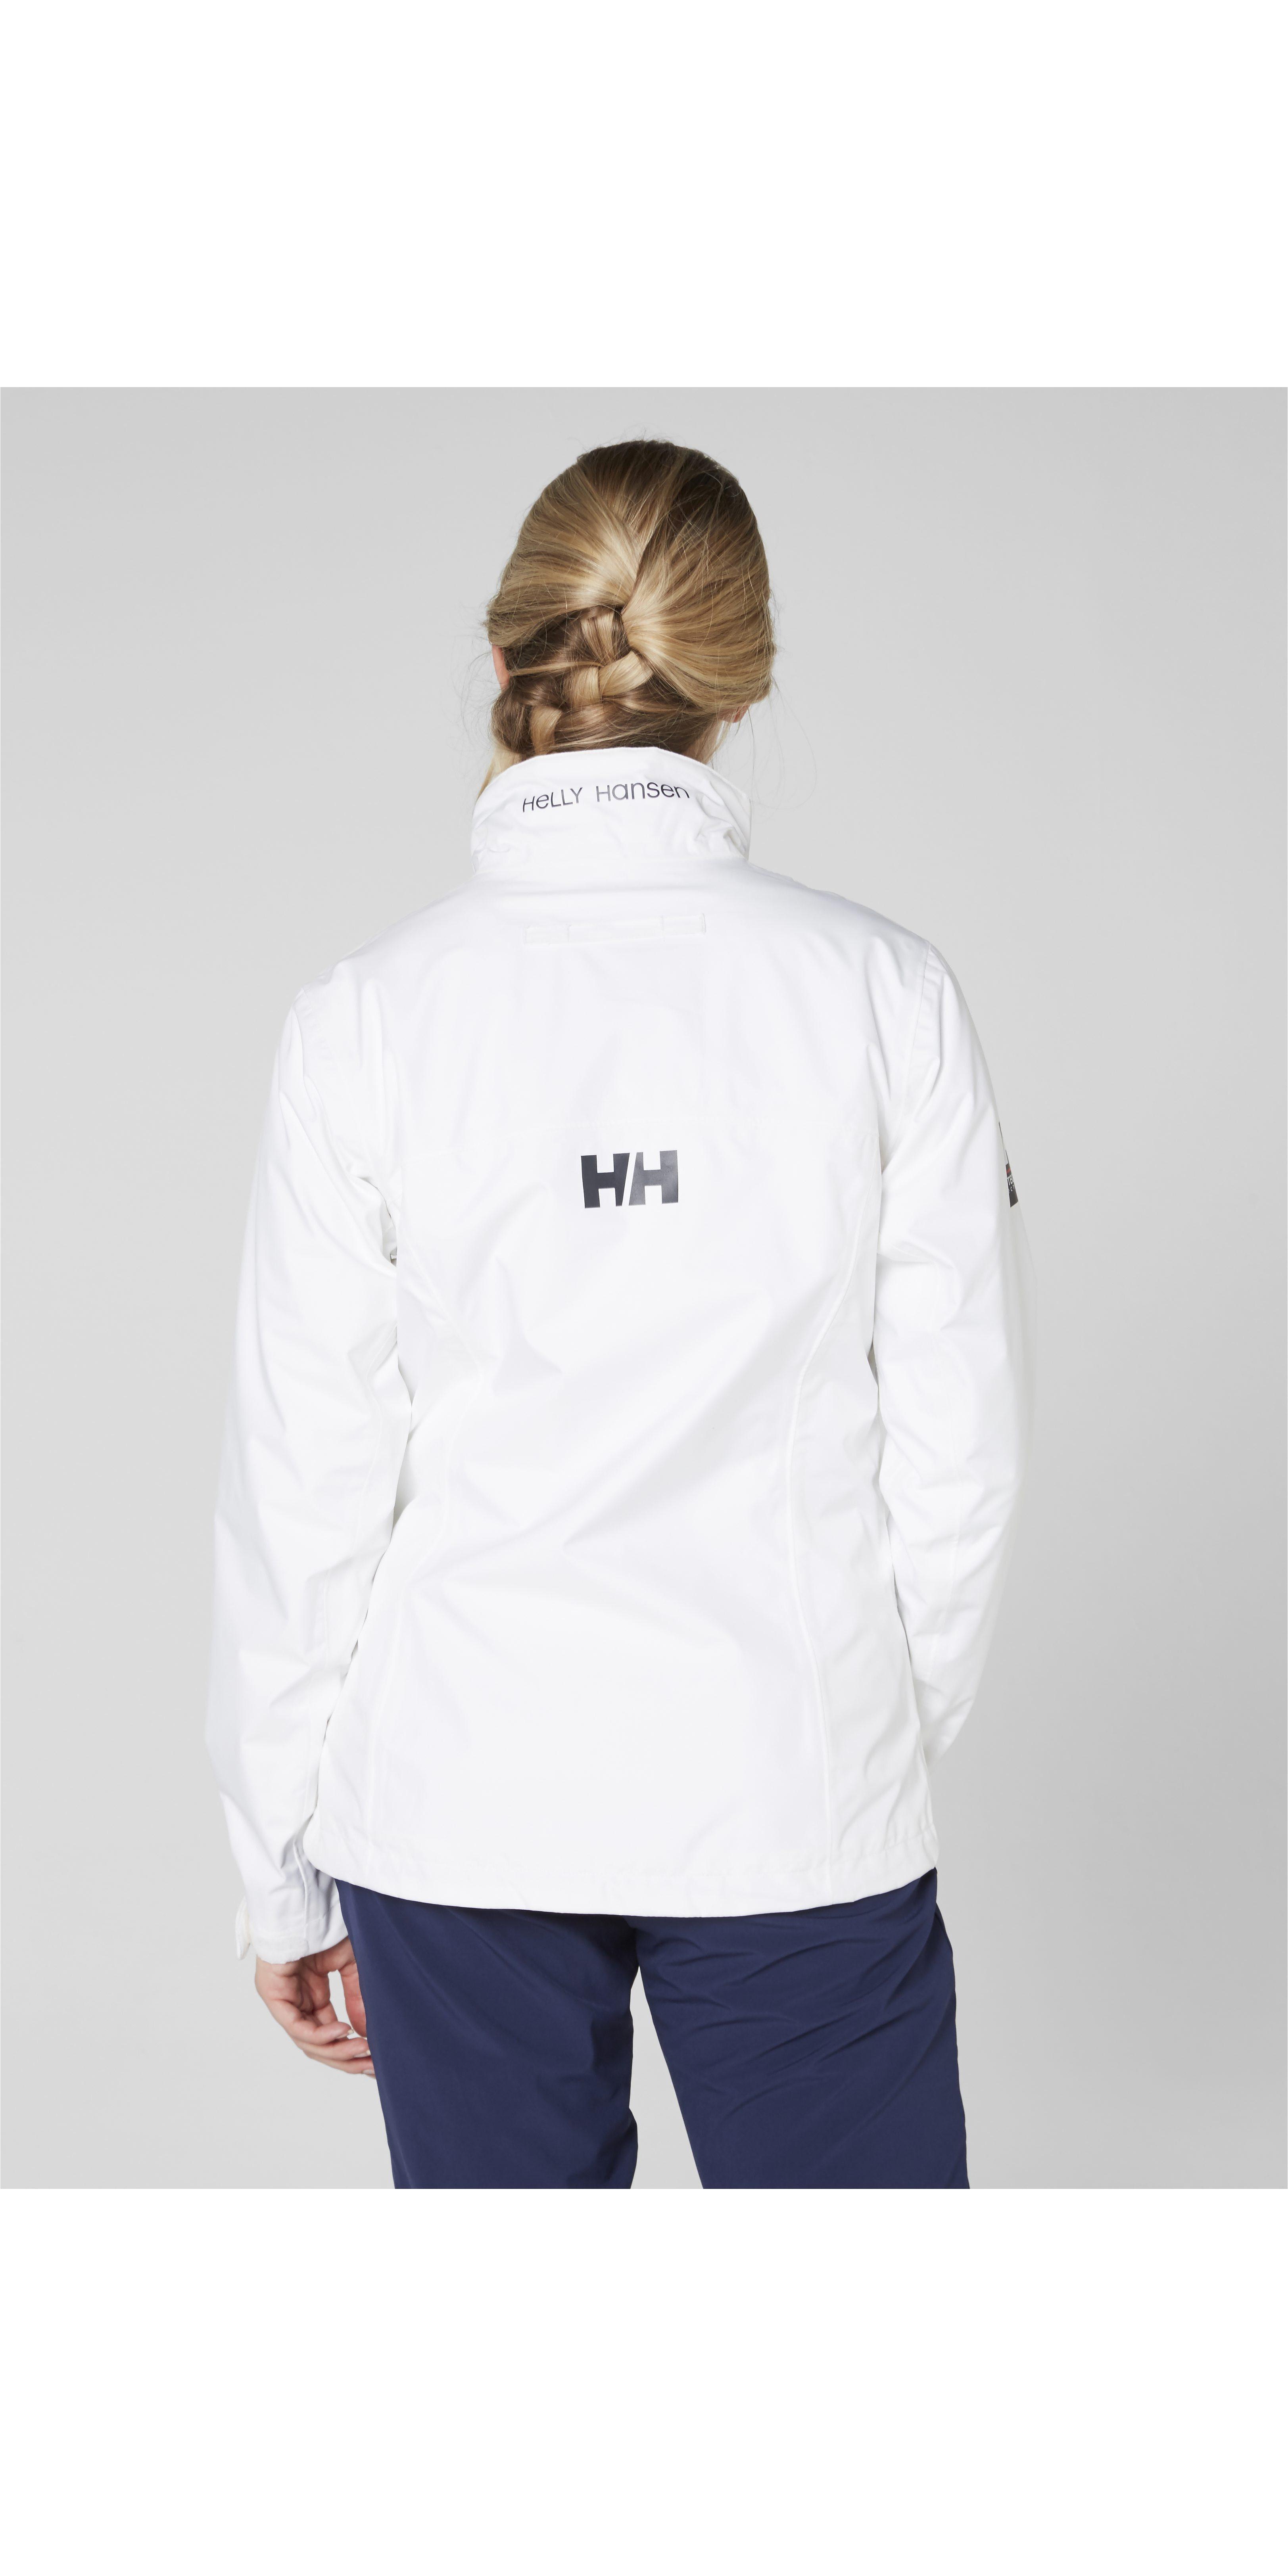 2019 Helly Hansen Damen Crew Jacke Weiß 30297